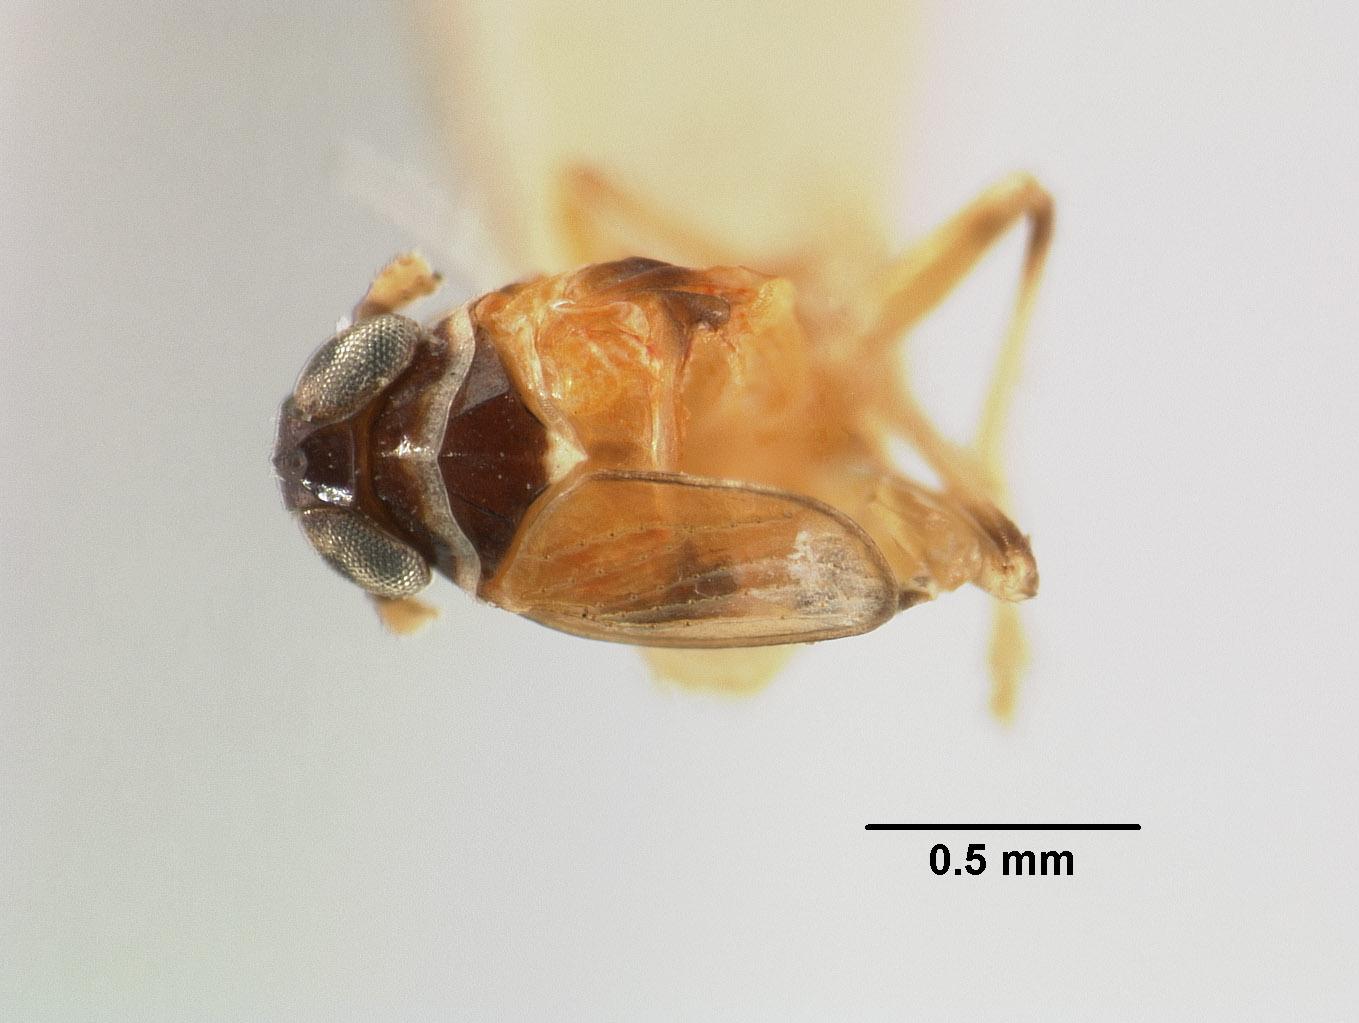 Liburnia image